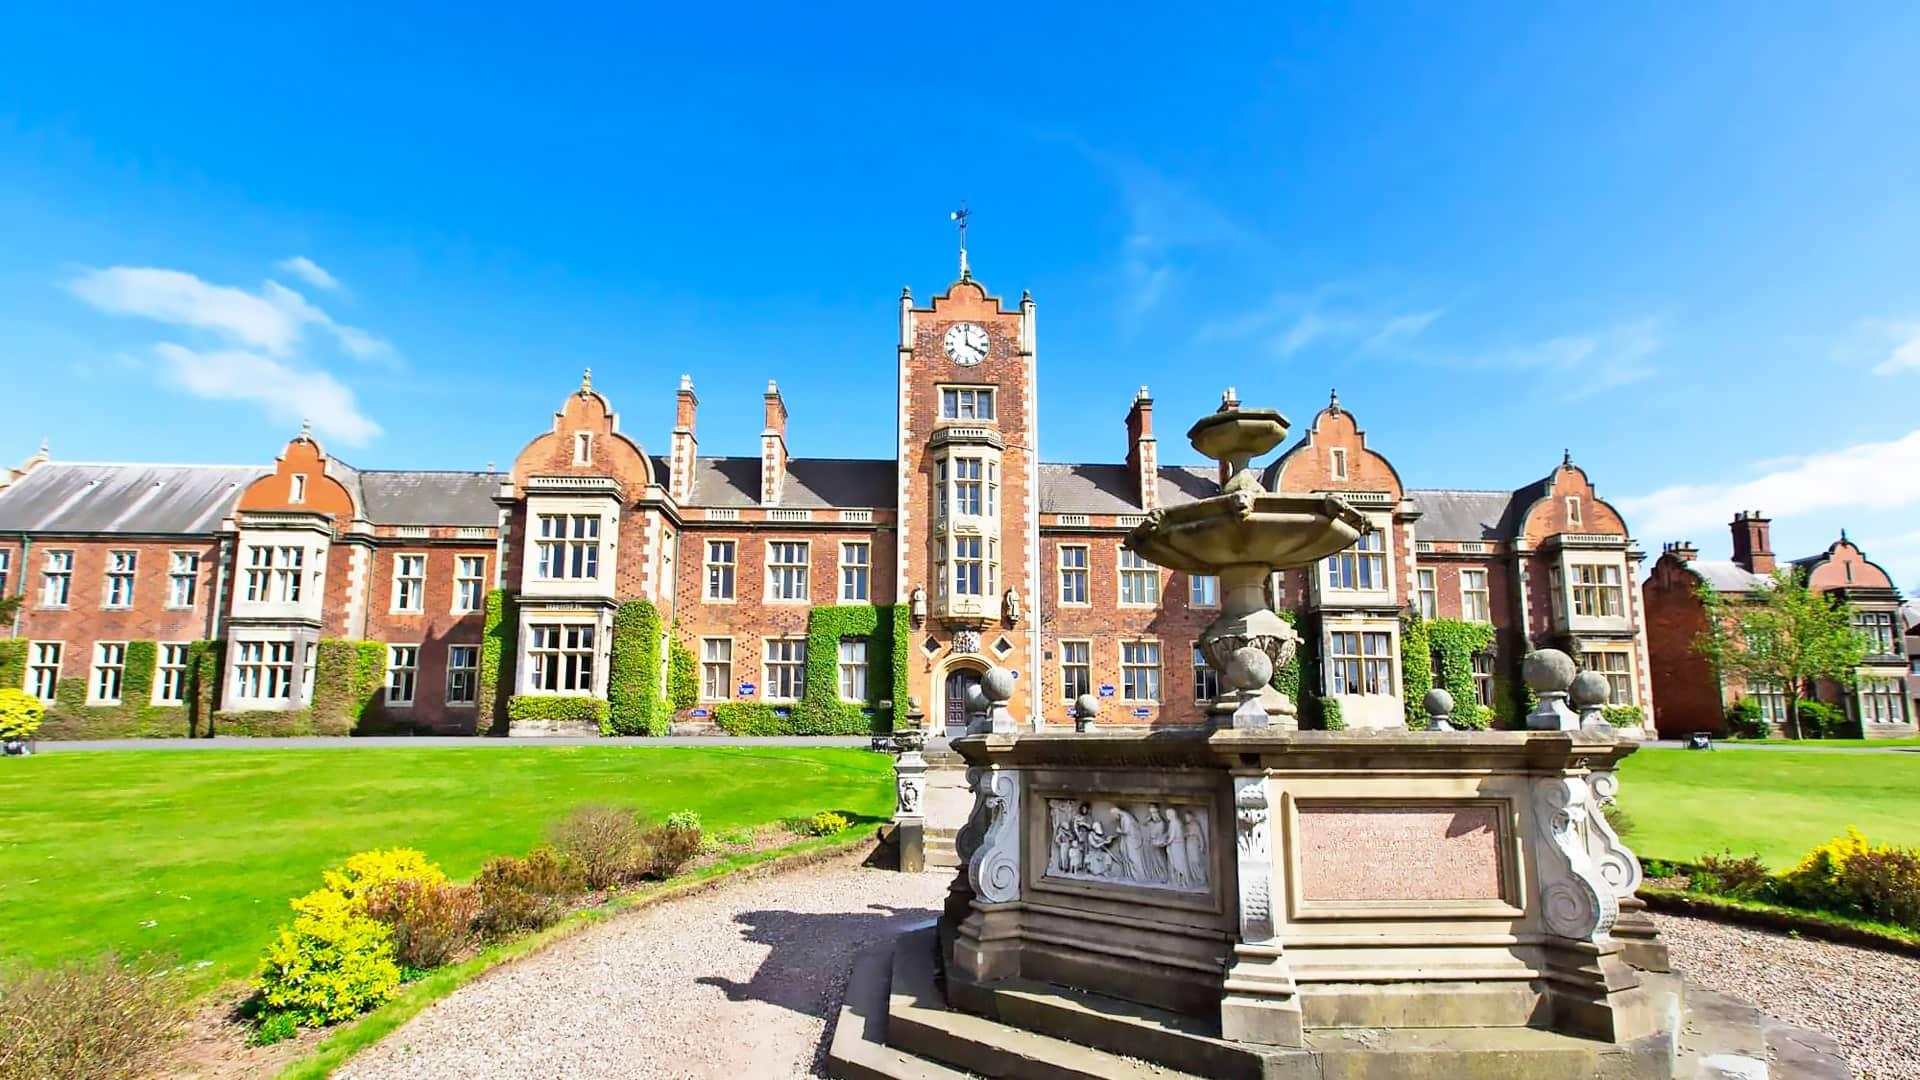 Estudiar ESO o Bachillerato en internados públicos en Inglaterra